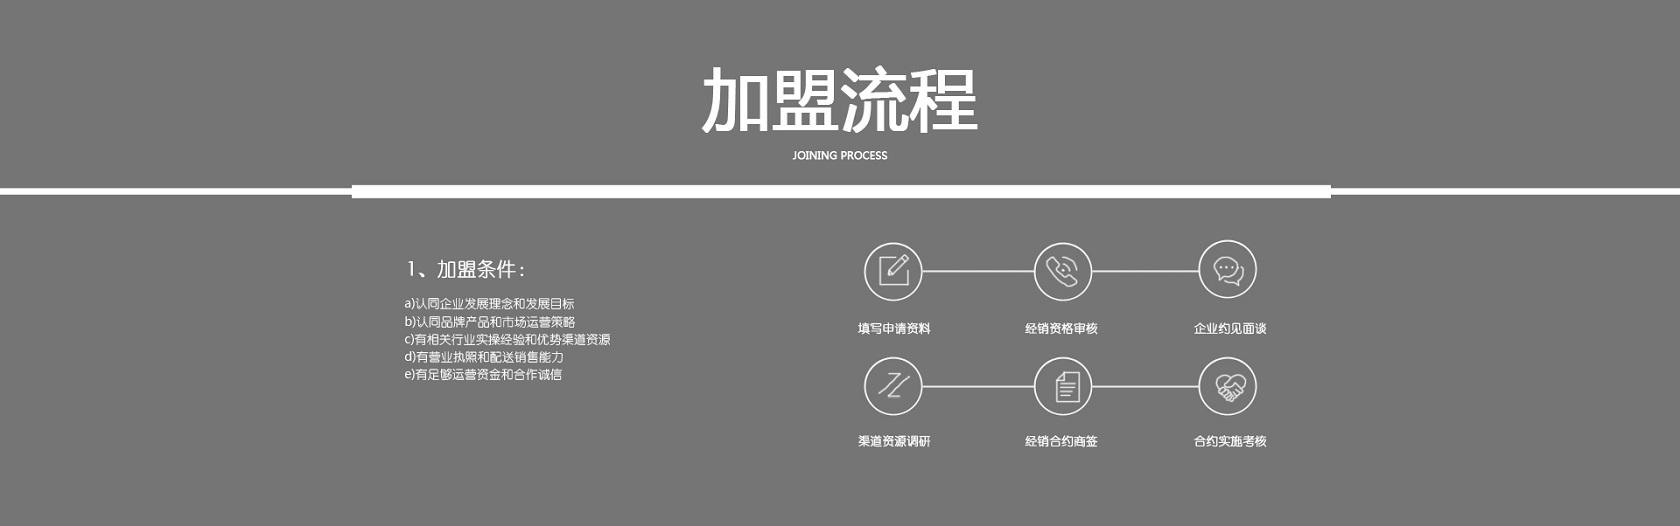 净水器加盟流程.jpg